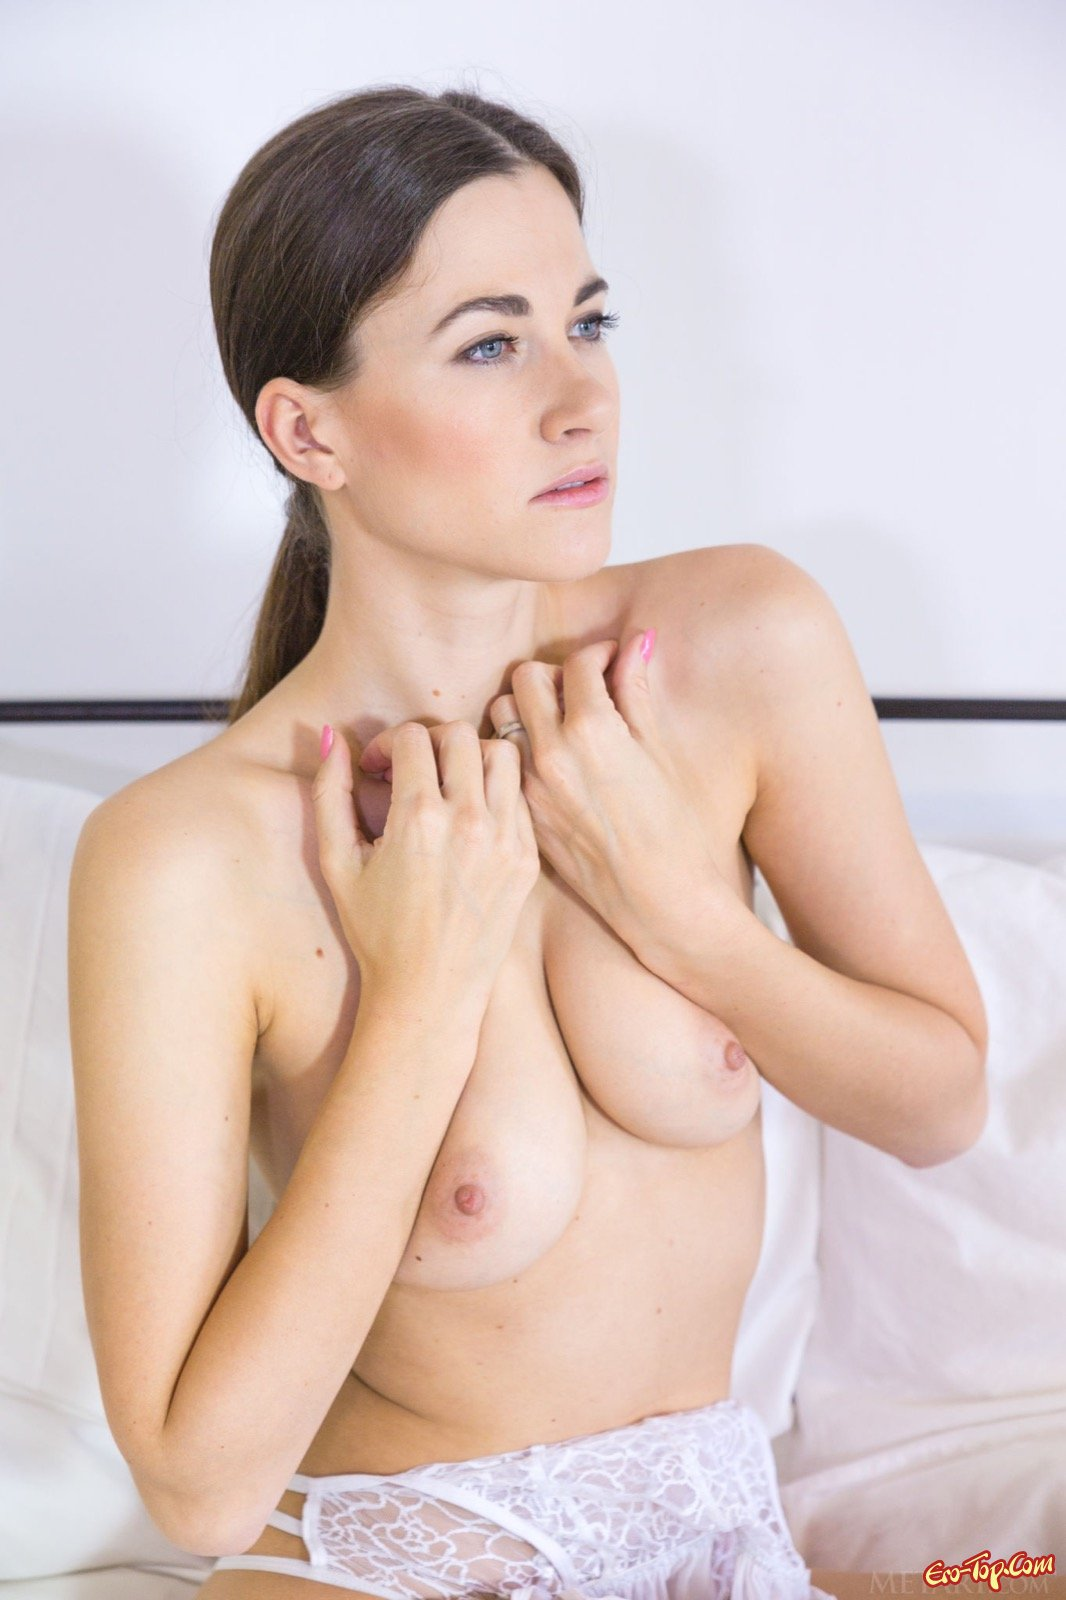 Симпатичная скромница сняла нижнее белье в постели